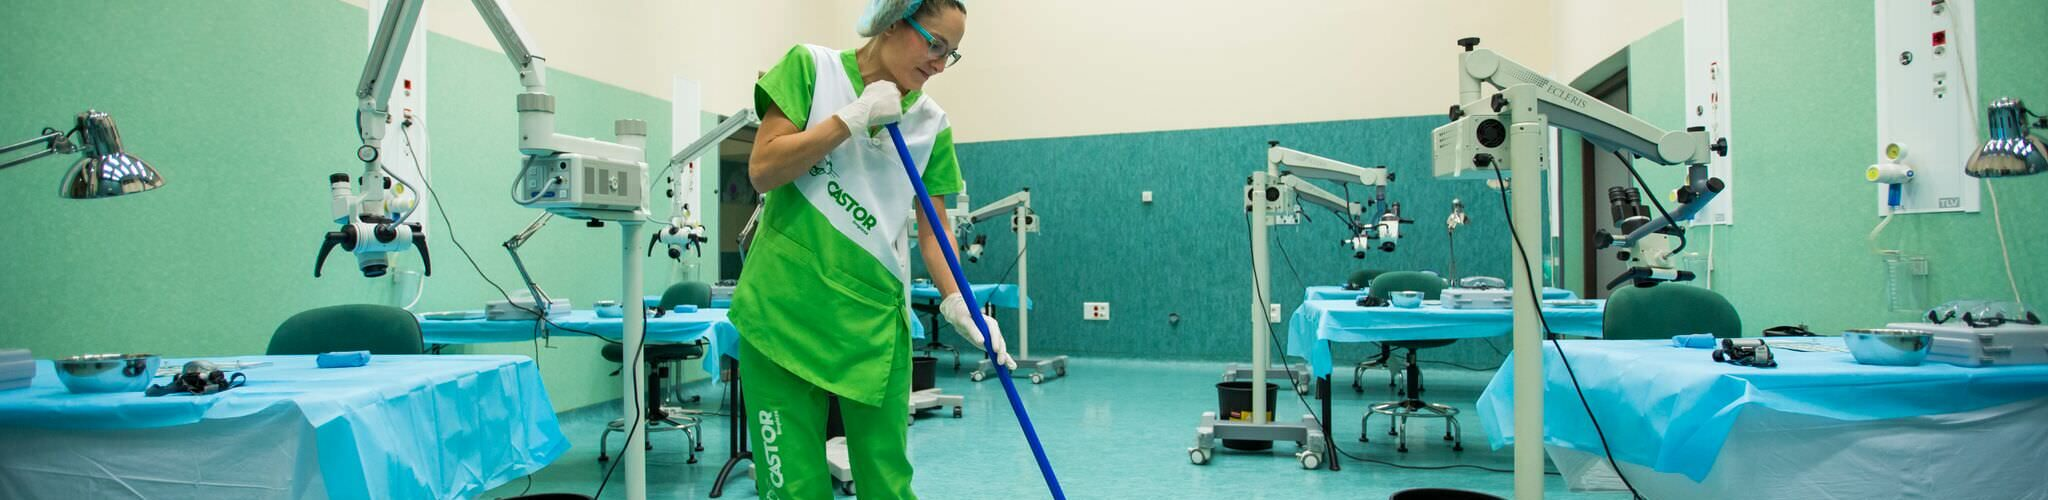 Limpiezas Castor. empresa-limpieza-cordoba-2048x500 Empresa de limpieza en Córdoba